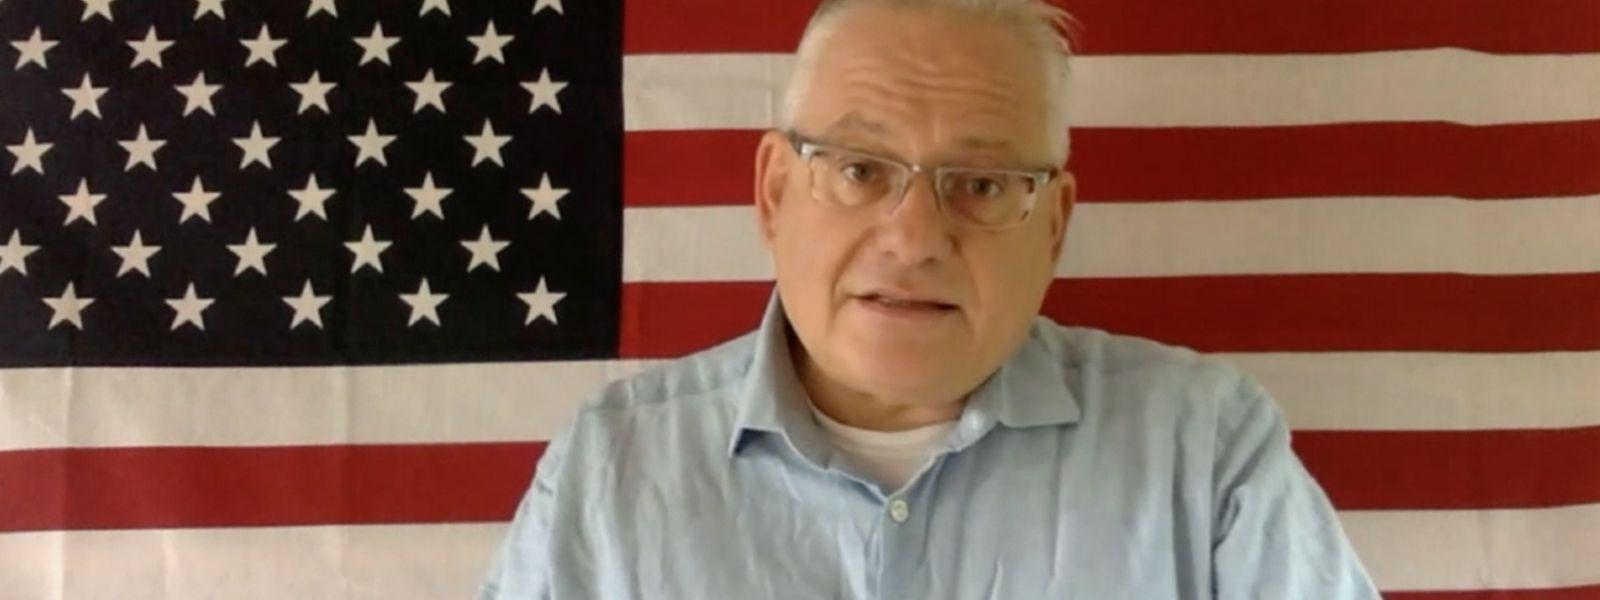 Thomas Spang lebt seit den 1990er Jahren in den USA und ist seit 1999 als US-Korrespondent tätig.